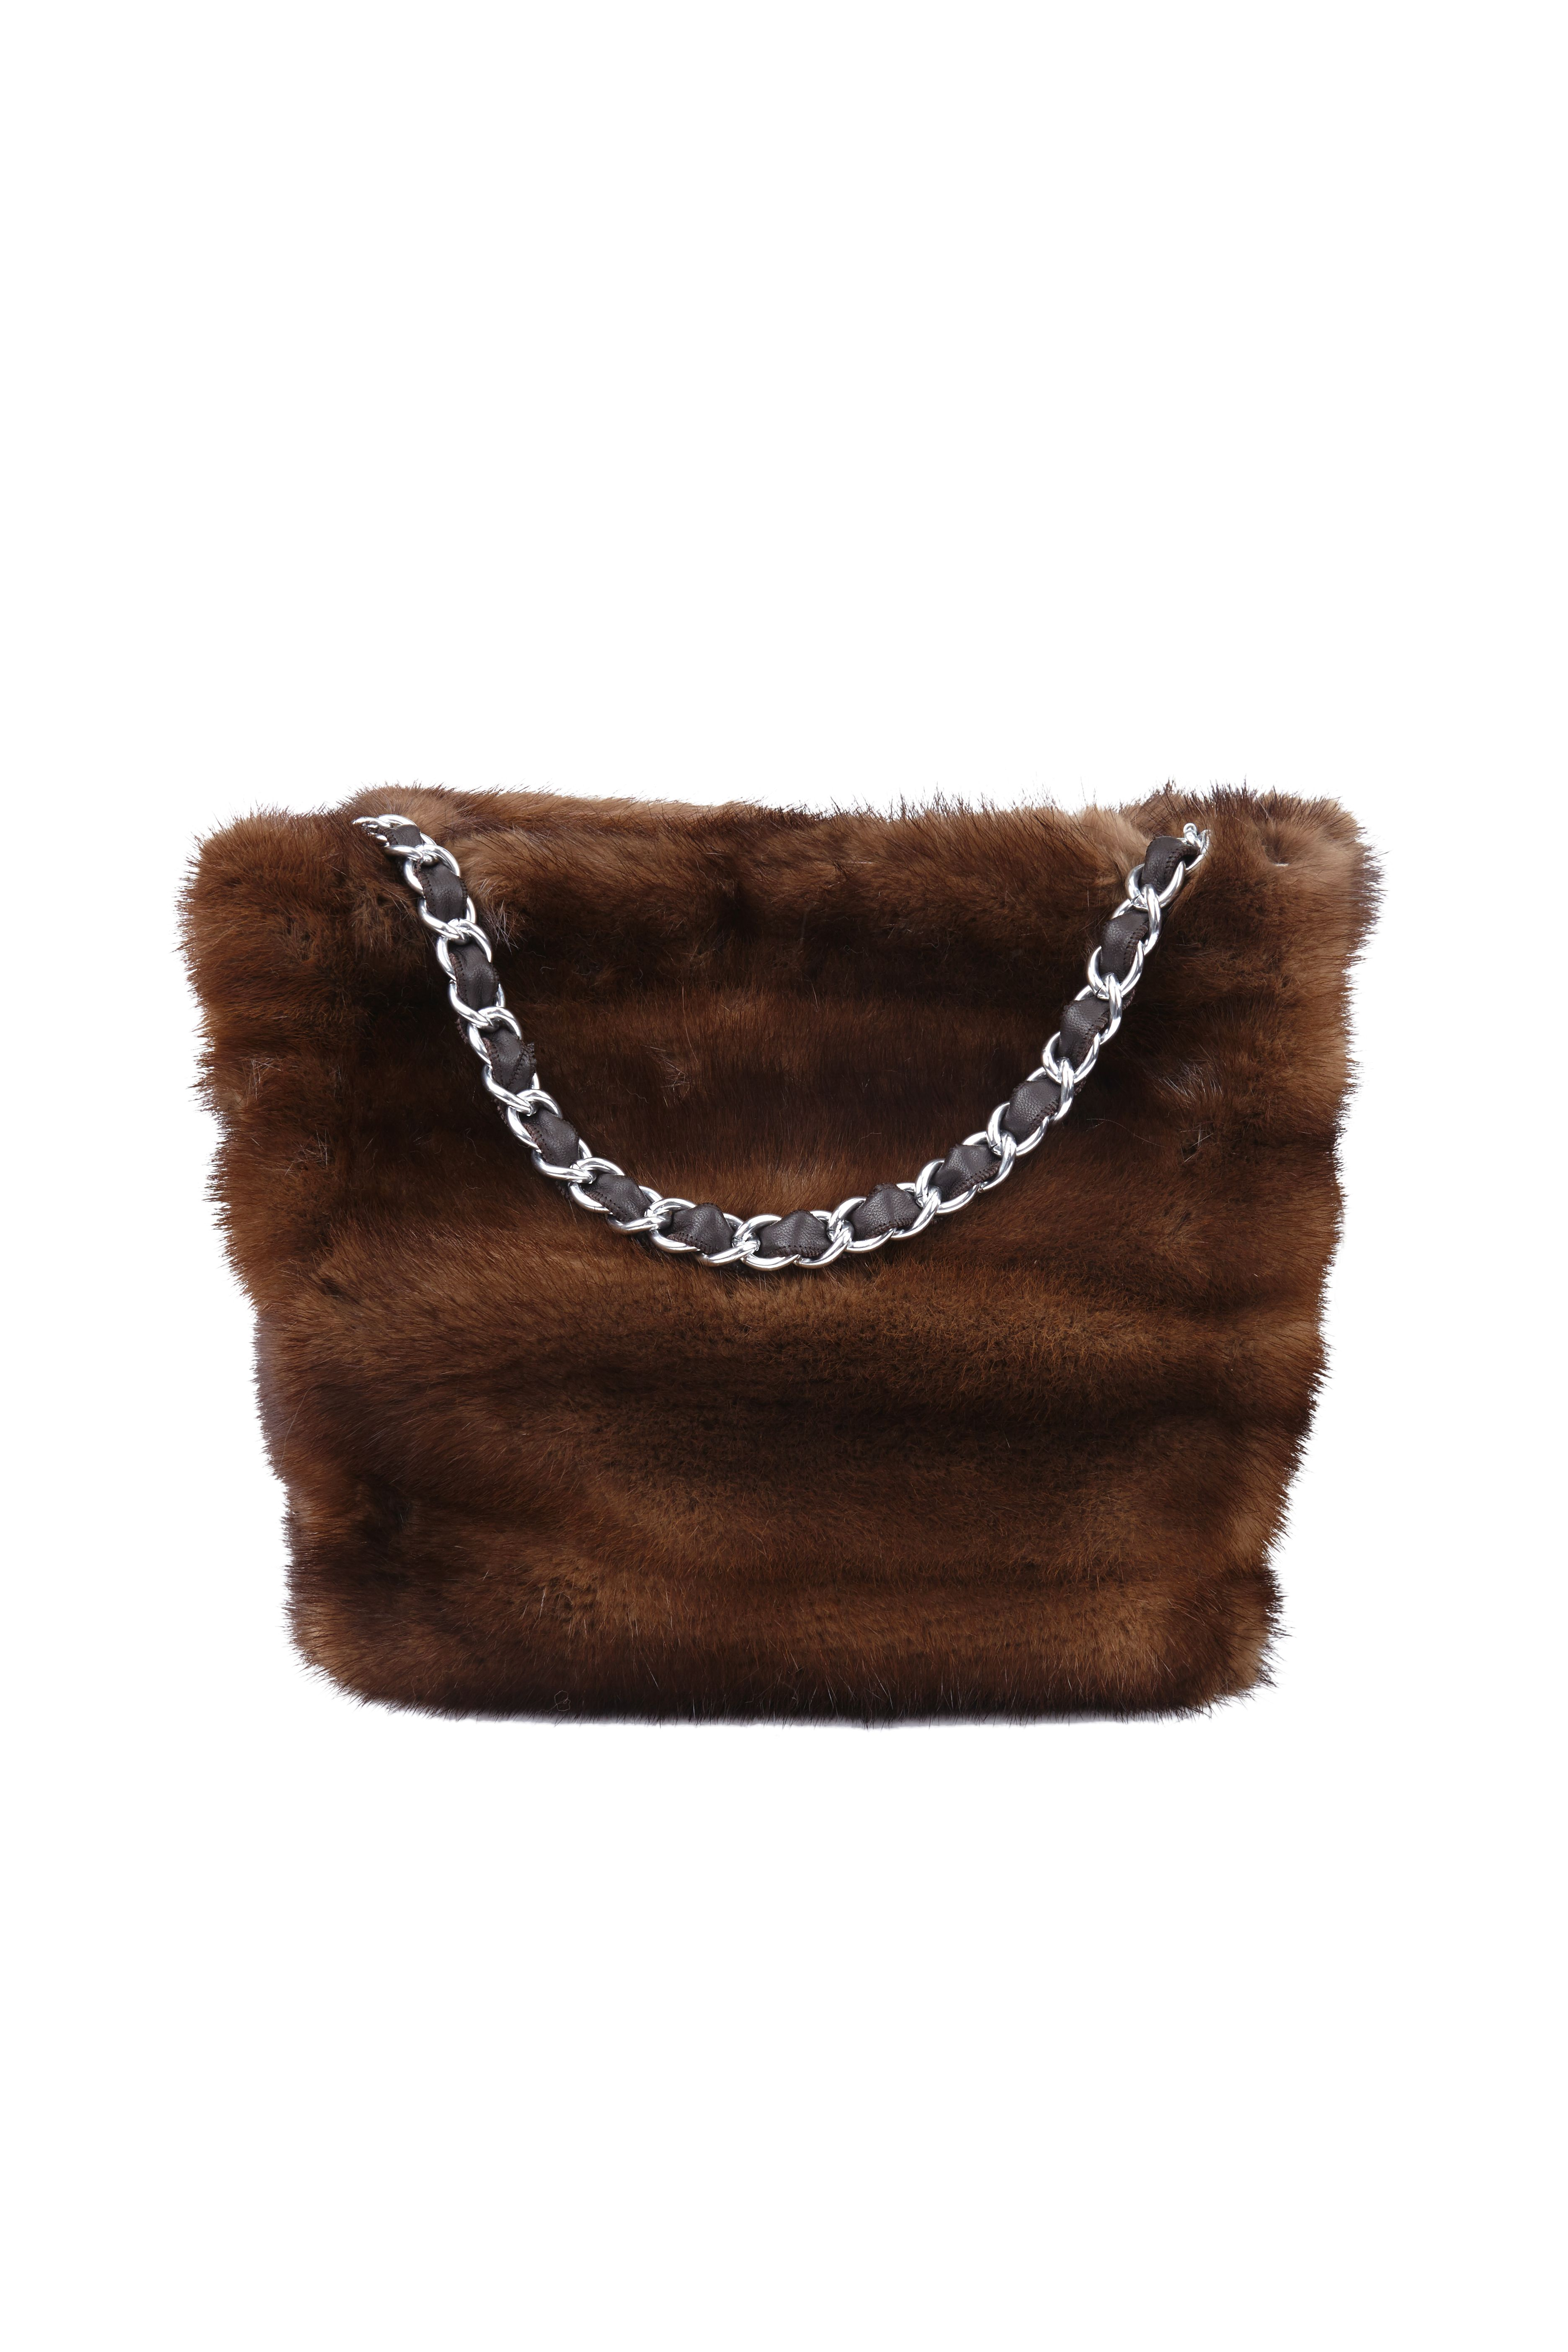 Bolso de Lomos de Visón Demi Buff. Demi Buff Mink Bag. #mink #bag #bolso #purse #sac #demibuff #vison #peleteria #fur